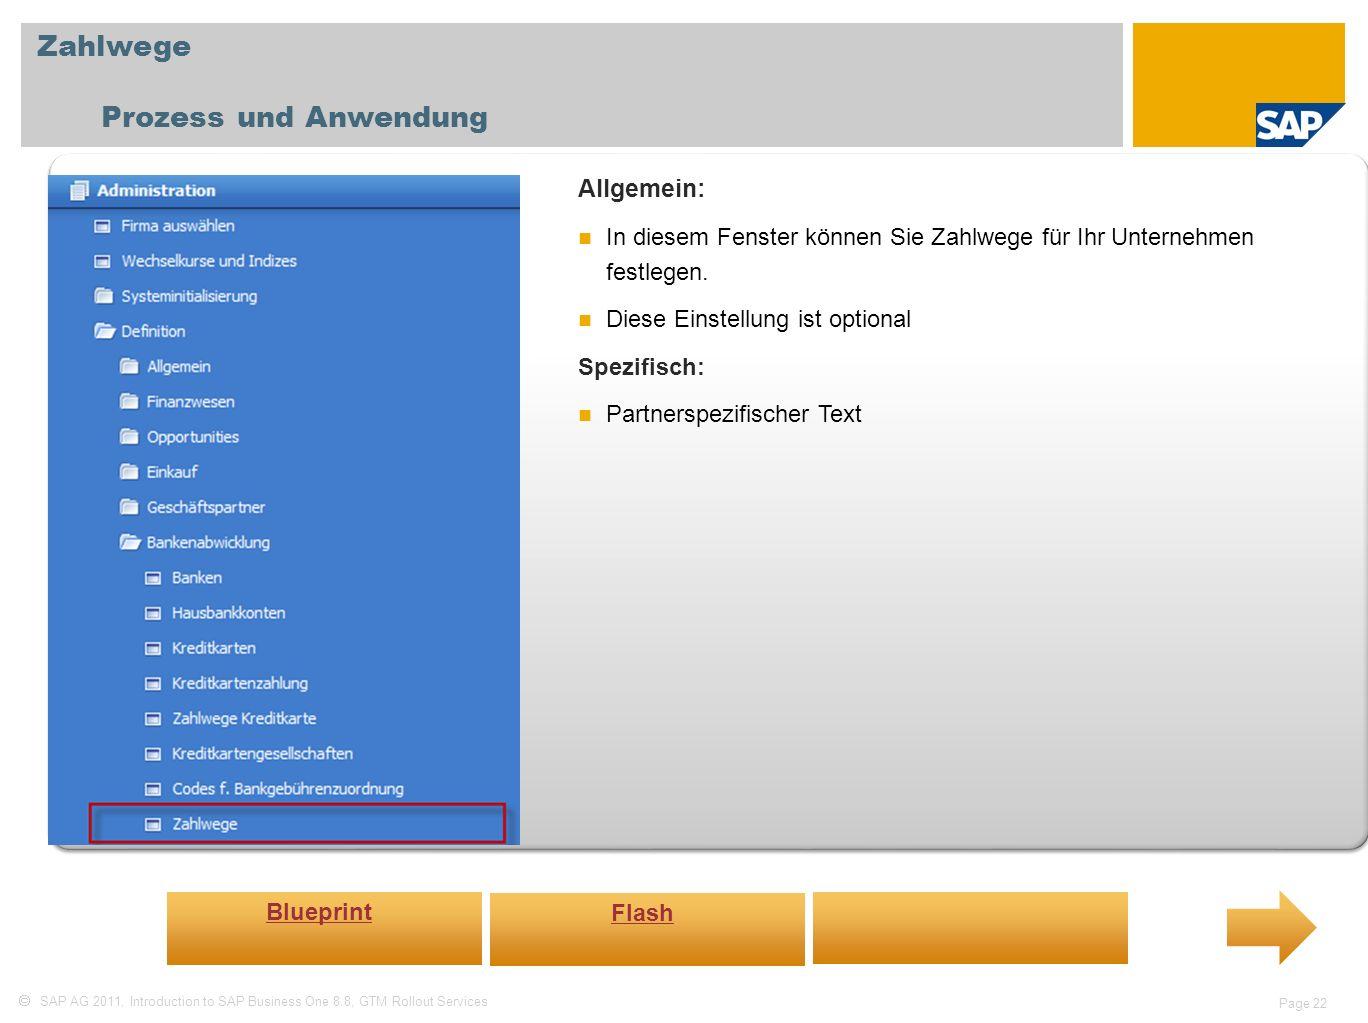 SAP AG 2011, Introduction to SAP Business One 8.8, GTM Rollout Services Page 22 Zahlwege Prozess und Anwendung Allgemein: In diesem Fenster können Sie